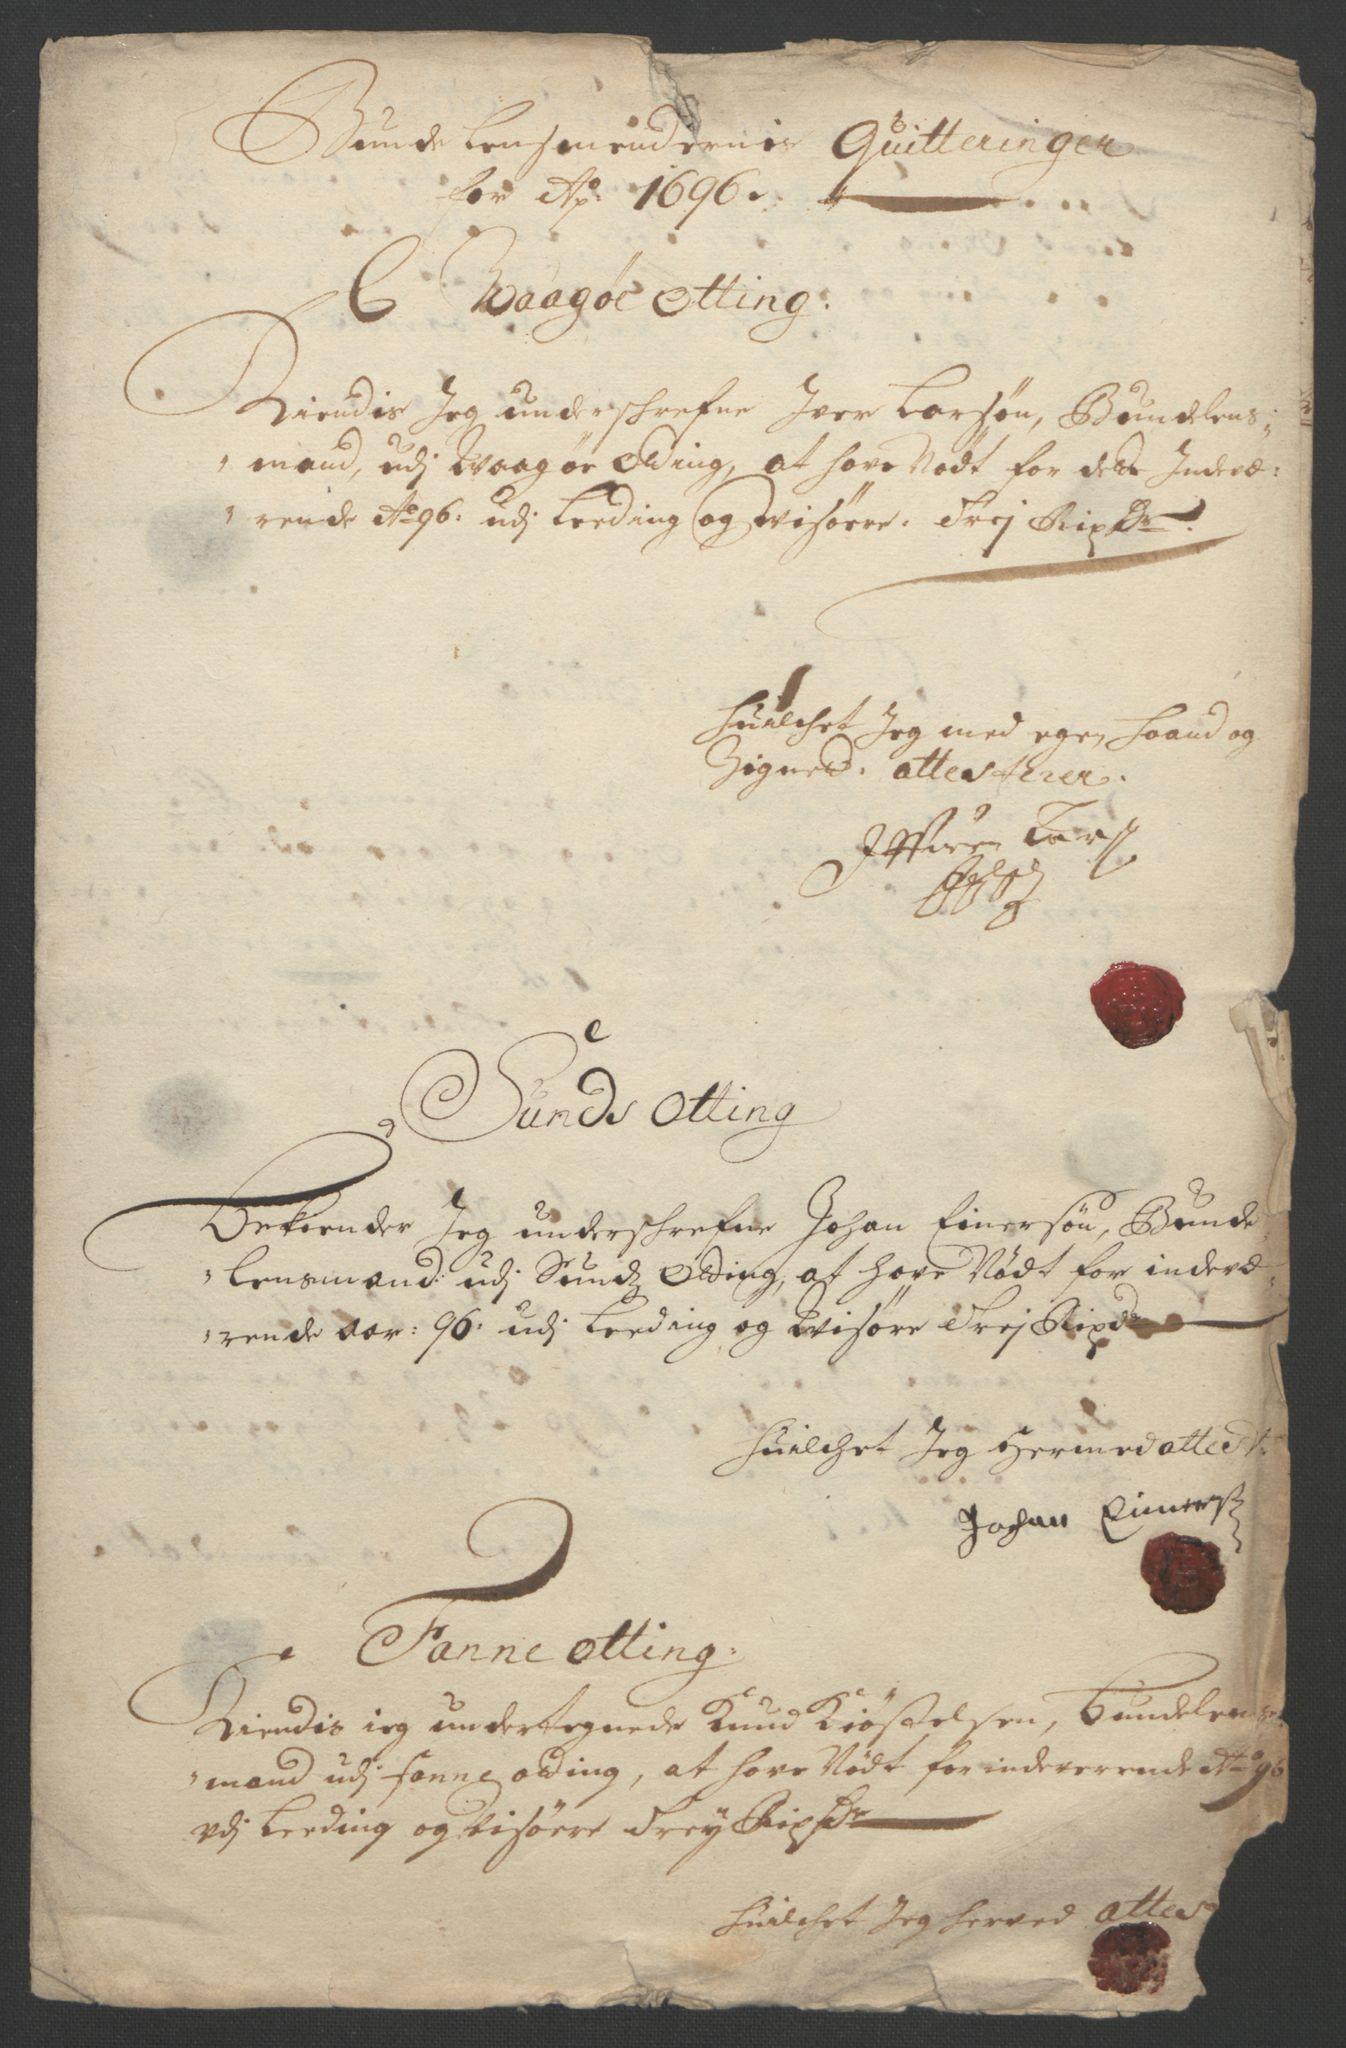 RA, Rentekammeret inntil 1814, Reviderte regnskaper, Fogderegnskap, R55/L3652: Fogderegnskap Romsdal, 1695-1696, s. 287